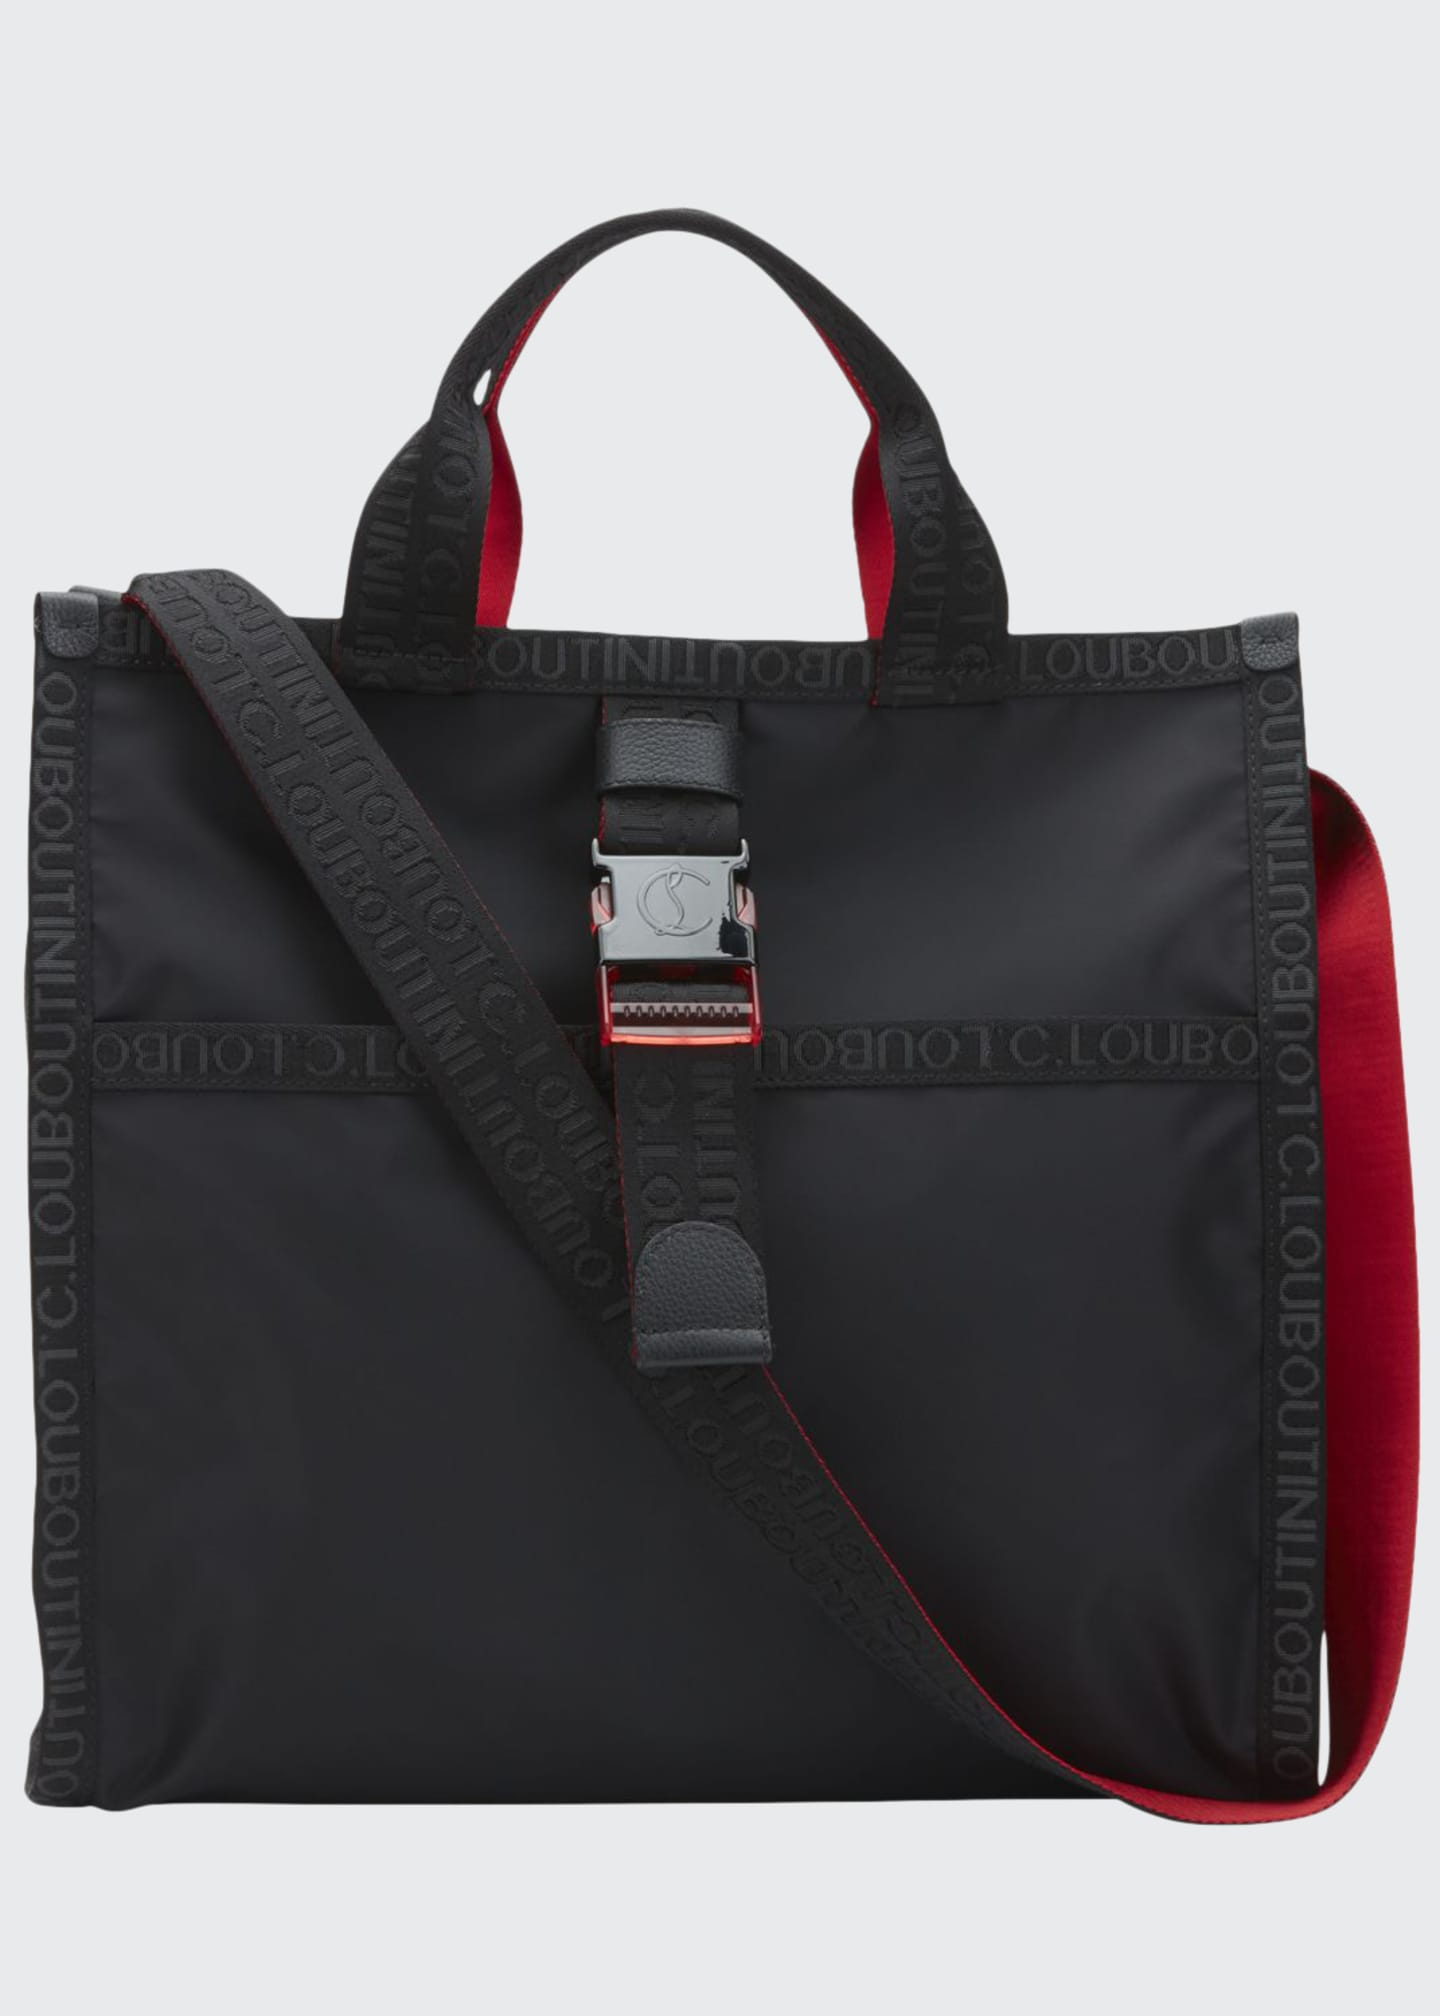 Christian Louboutin Men's Loubiclic Nylon Logo Tote Bag